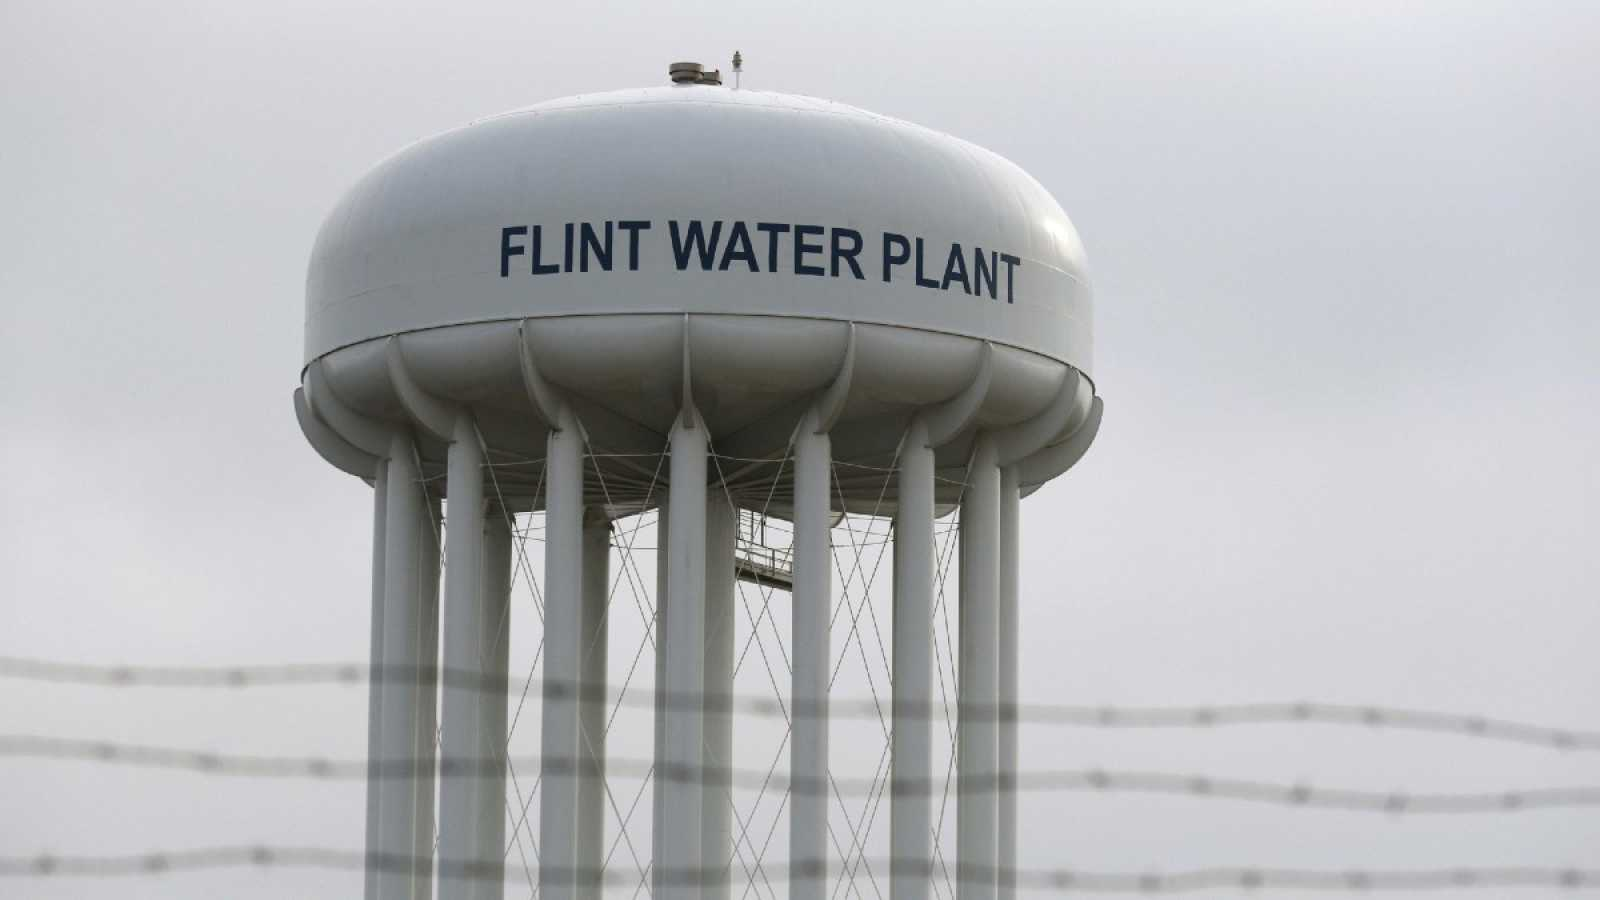 El depósito de almacenamiento de agua en Flint, Michigan, Estados Unidos, escenario del escándalo por contaminación con plomo